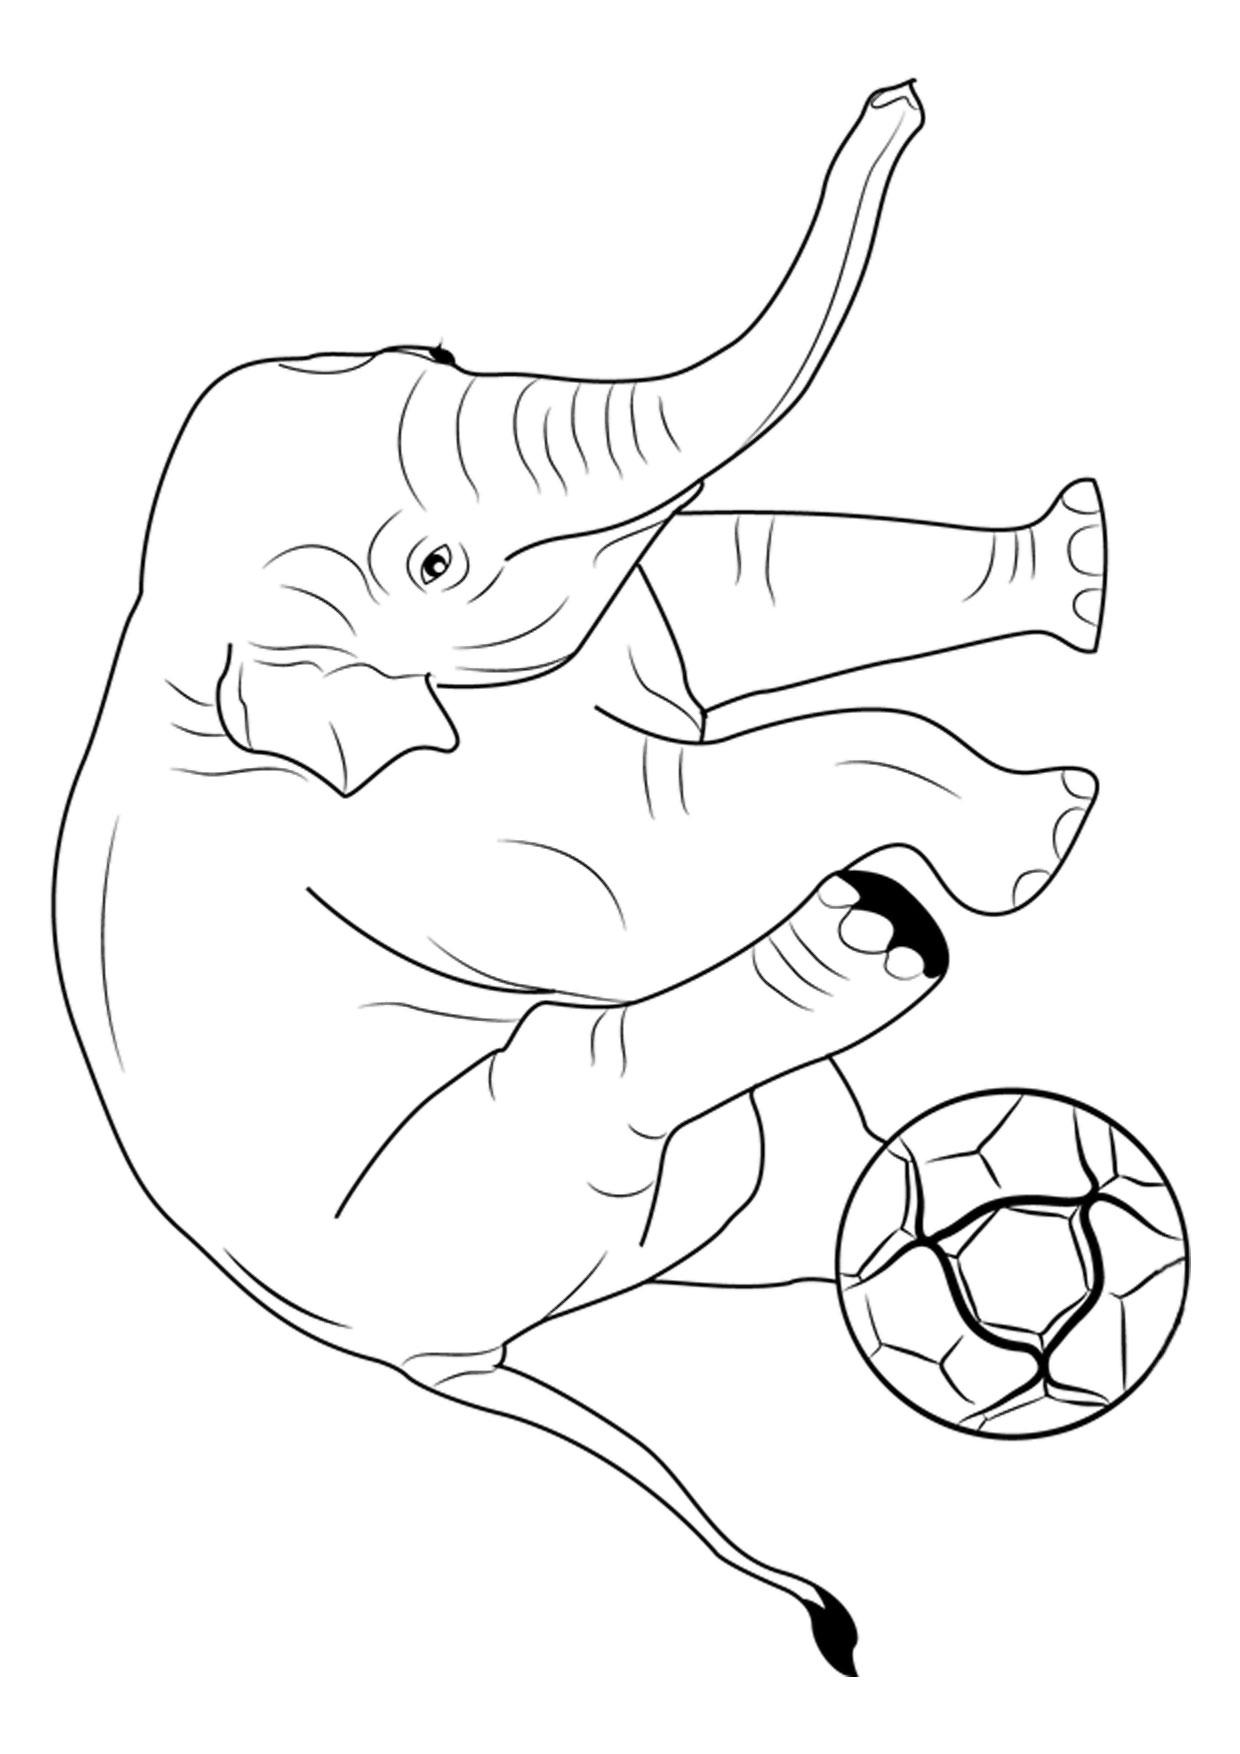 Disegno di elefanti da colorare 14